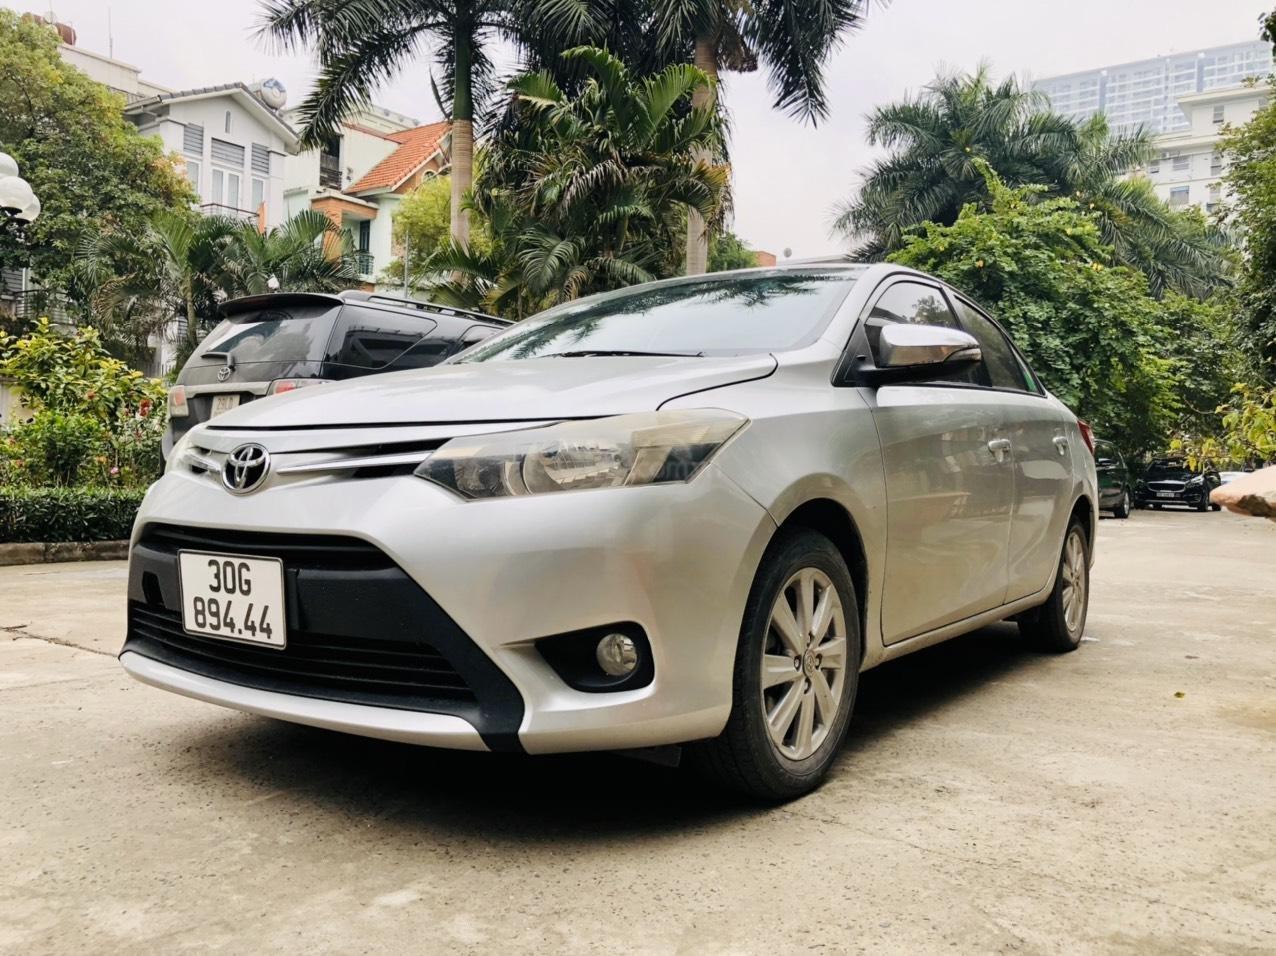 Bán xe Toyota Vios E MT sản xuất 2015, xe đẹp không lỗi nhỏ (7)